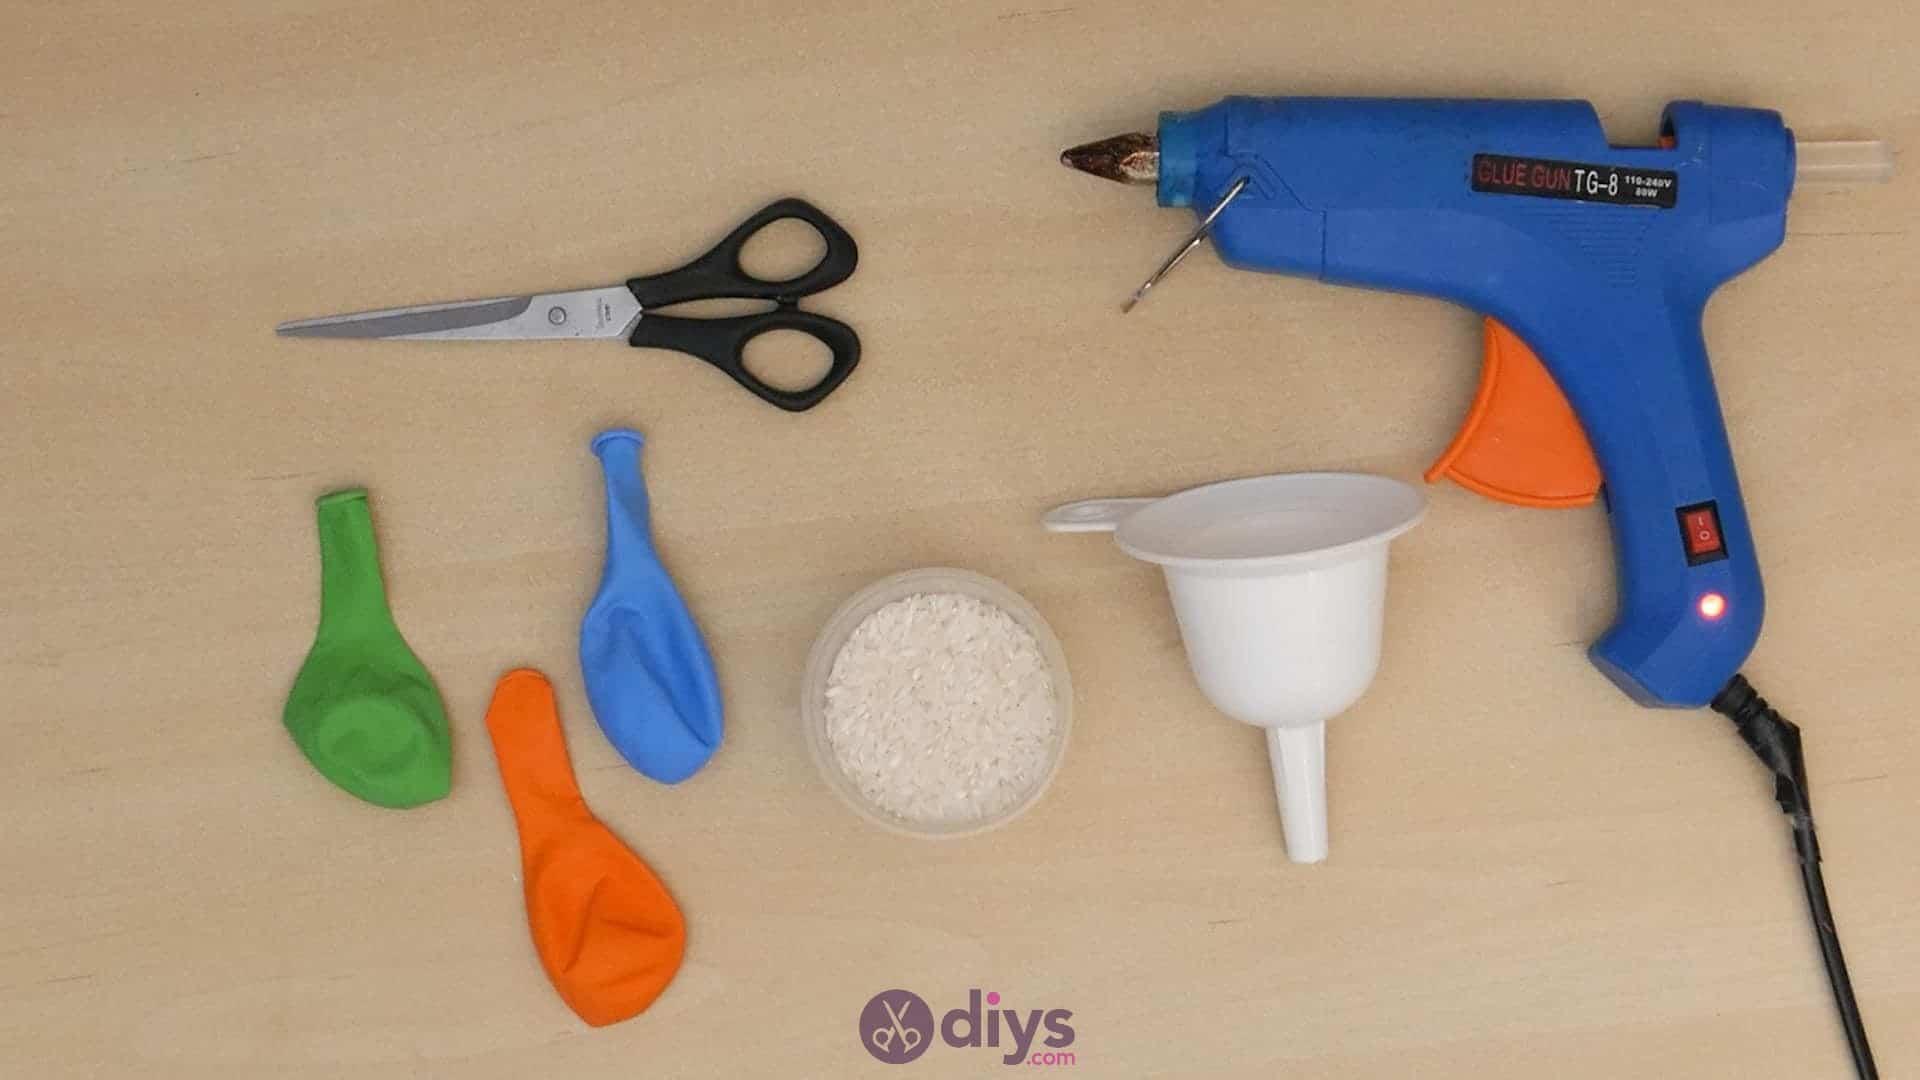 Diy juggling balls materials